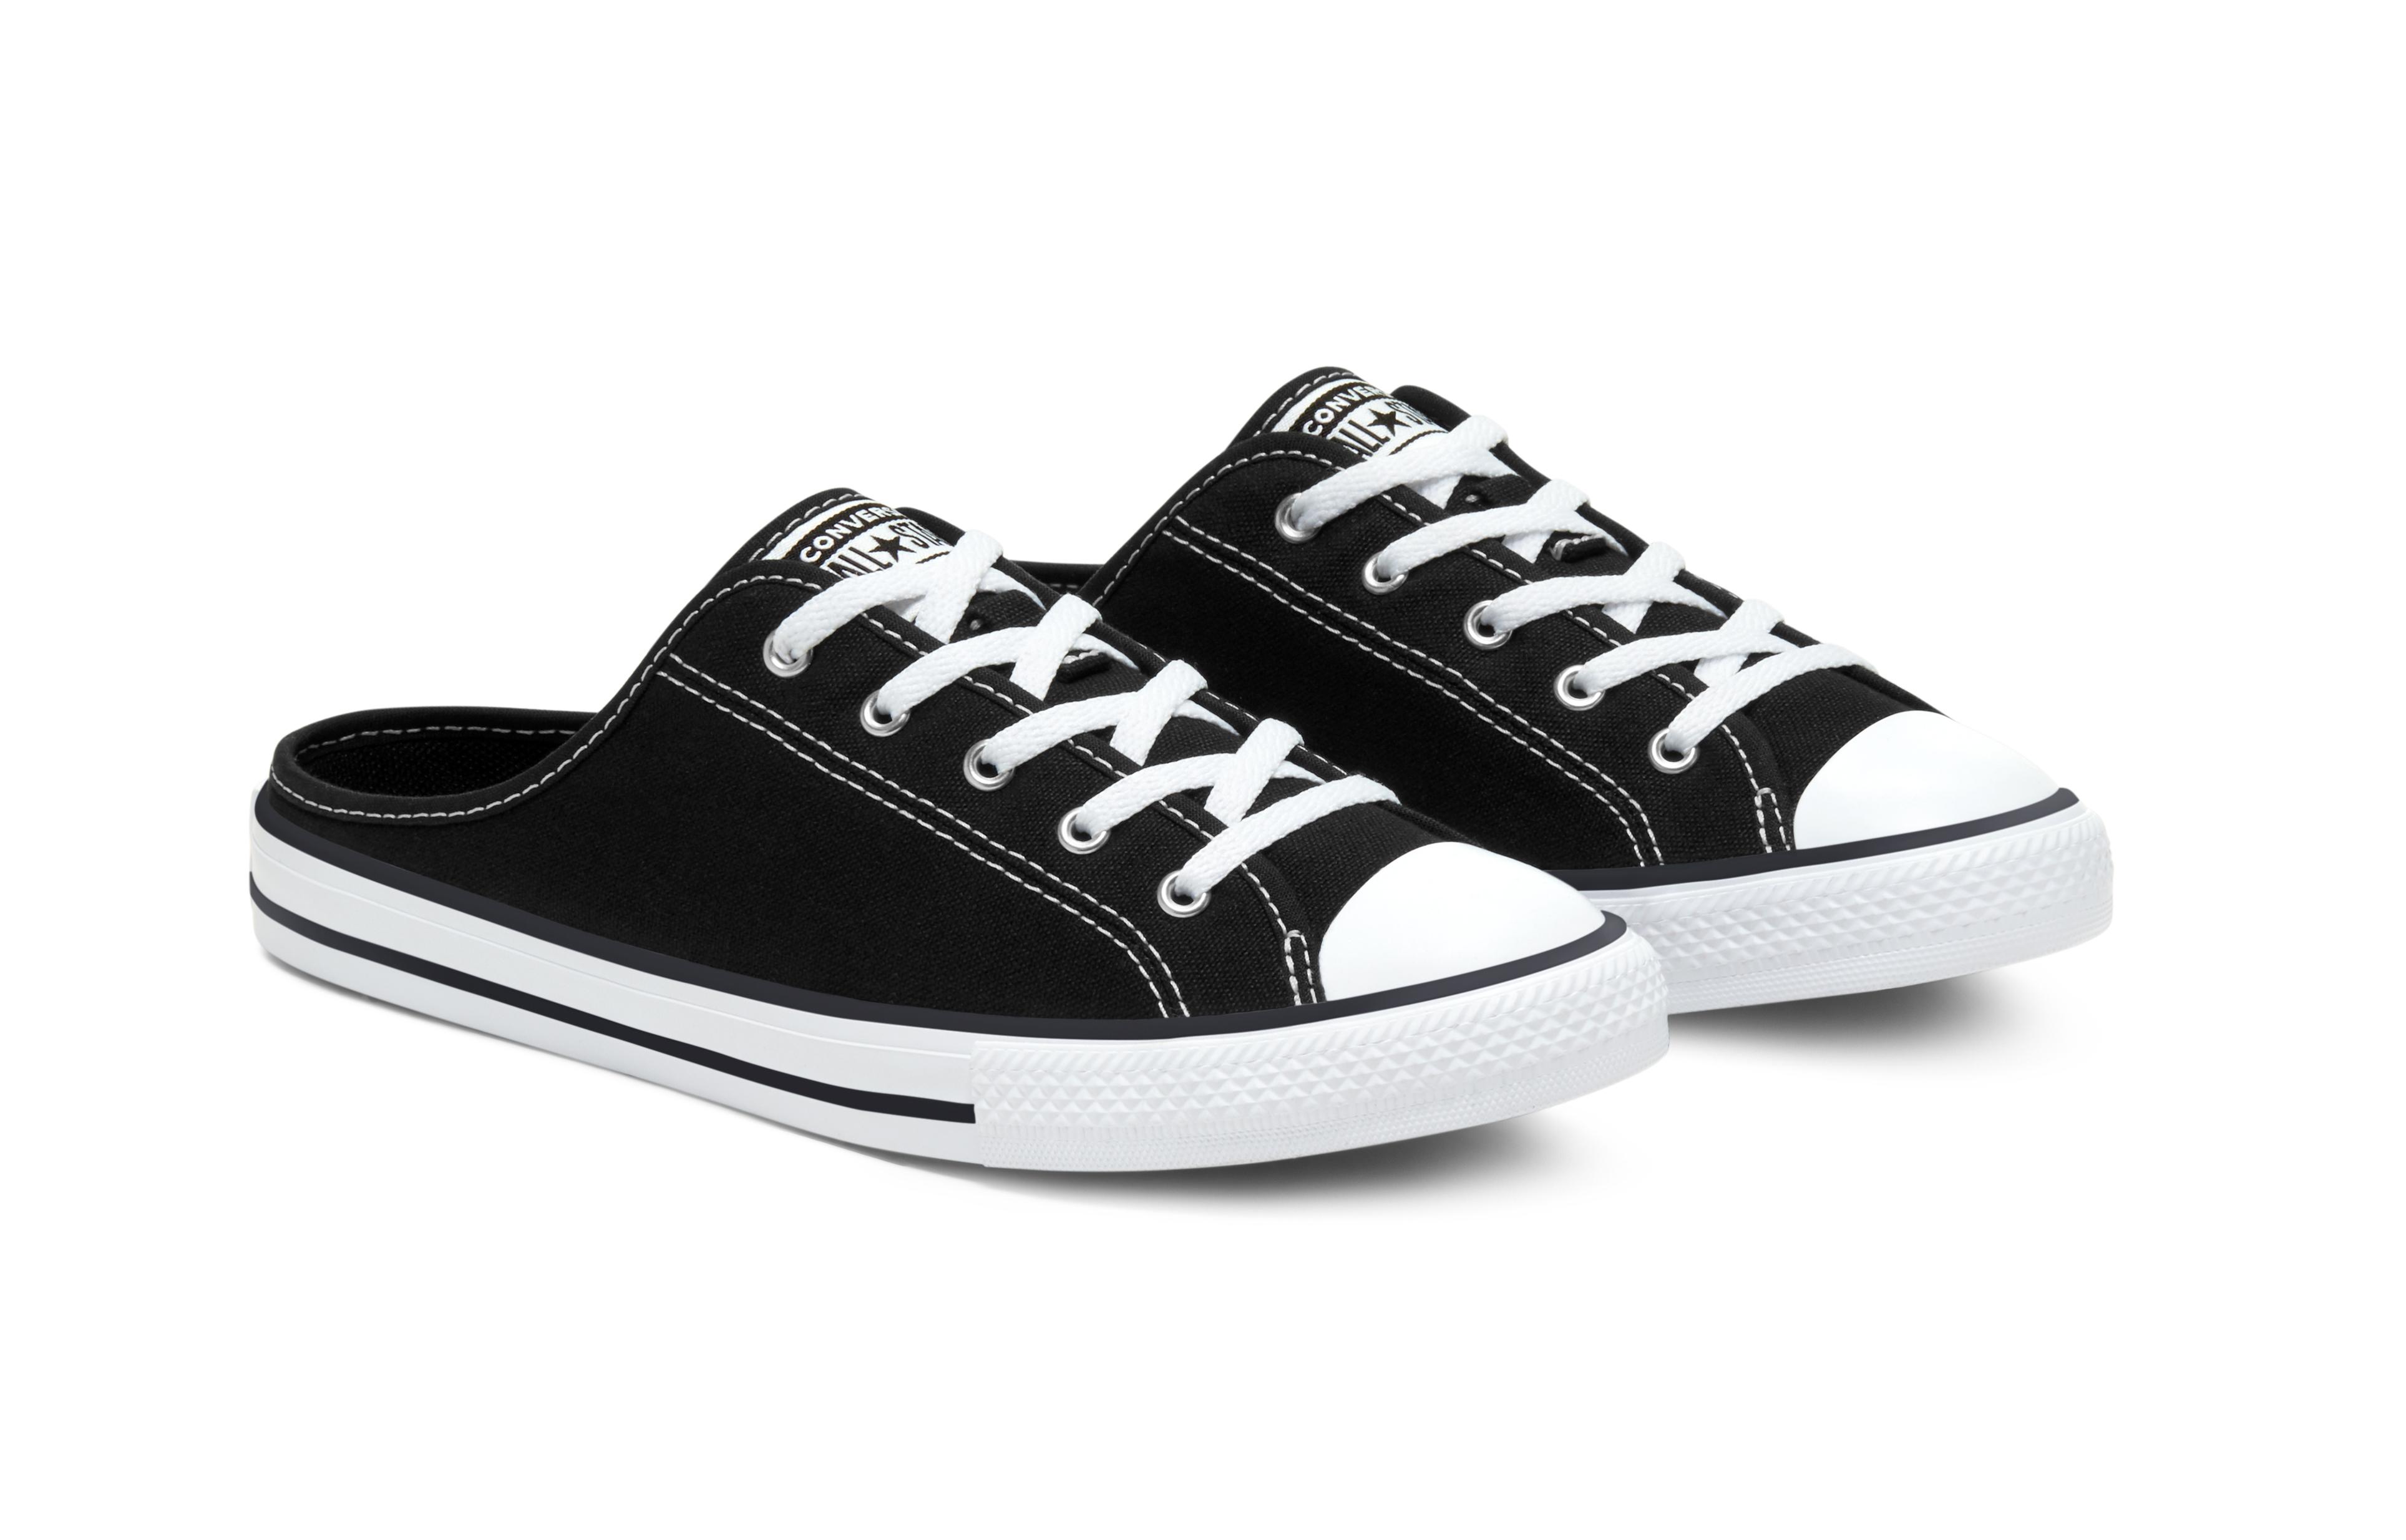 Mua sneaker đạp gót giống Jennie cho trendy, biết đâu lại có người yêu chất như GD - Ảnh 5.